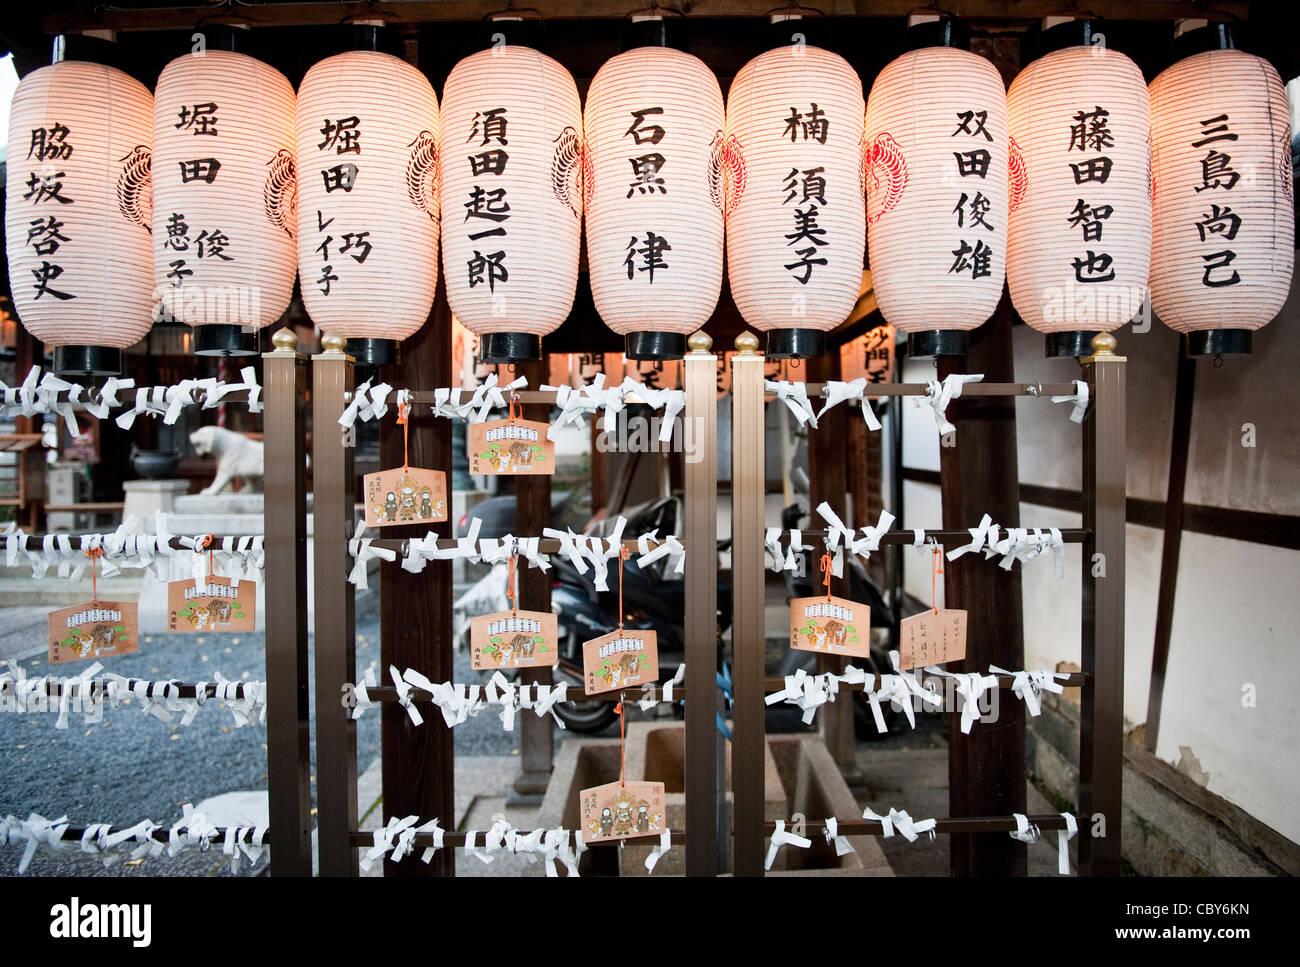 Japanese lanterns in Tokyo with Japanese writing, Tokyo, Japan. - Stock Image